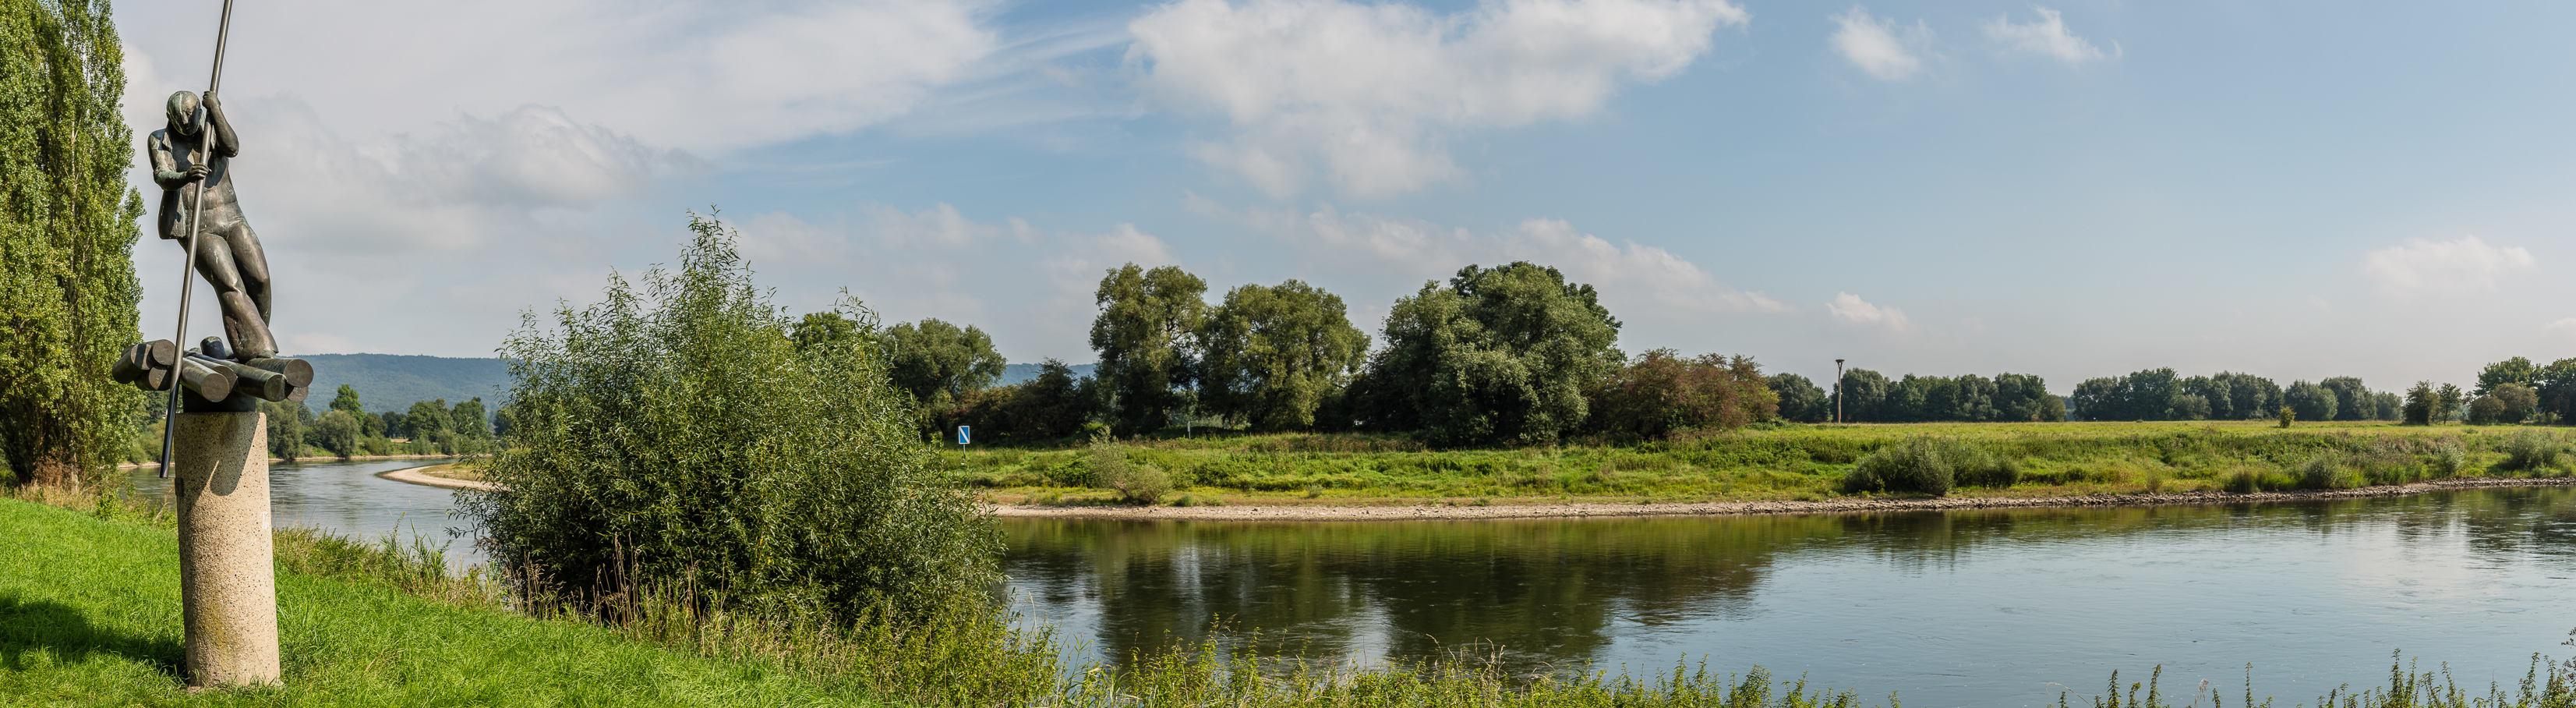 Flößerdenkmal an der Werre-Mündung in Bad Oeynhausen